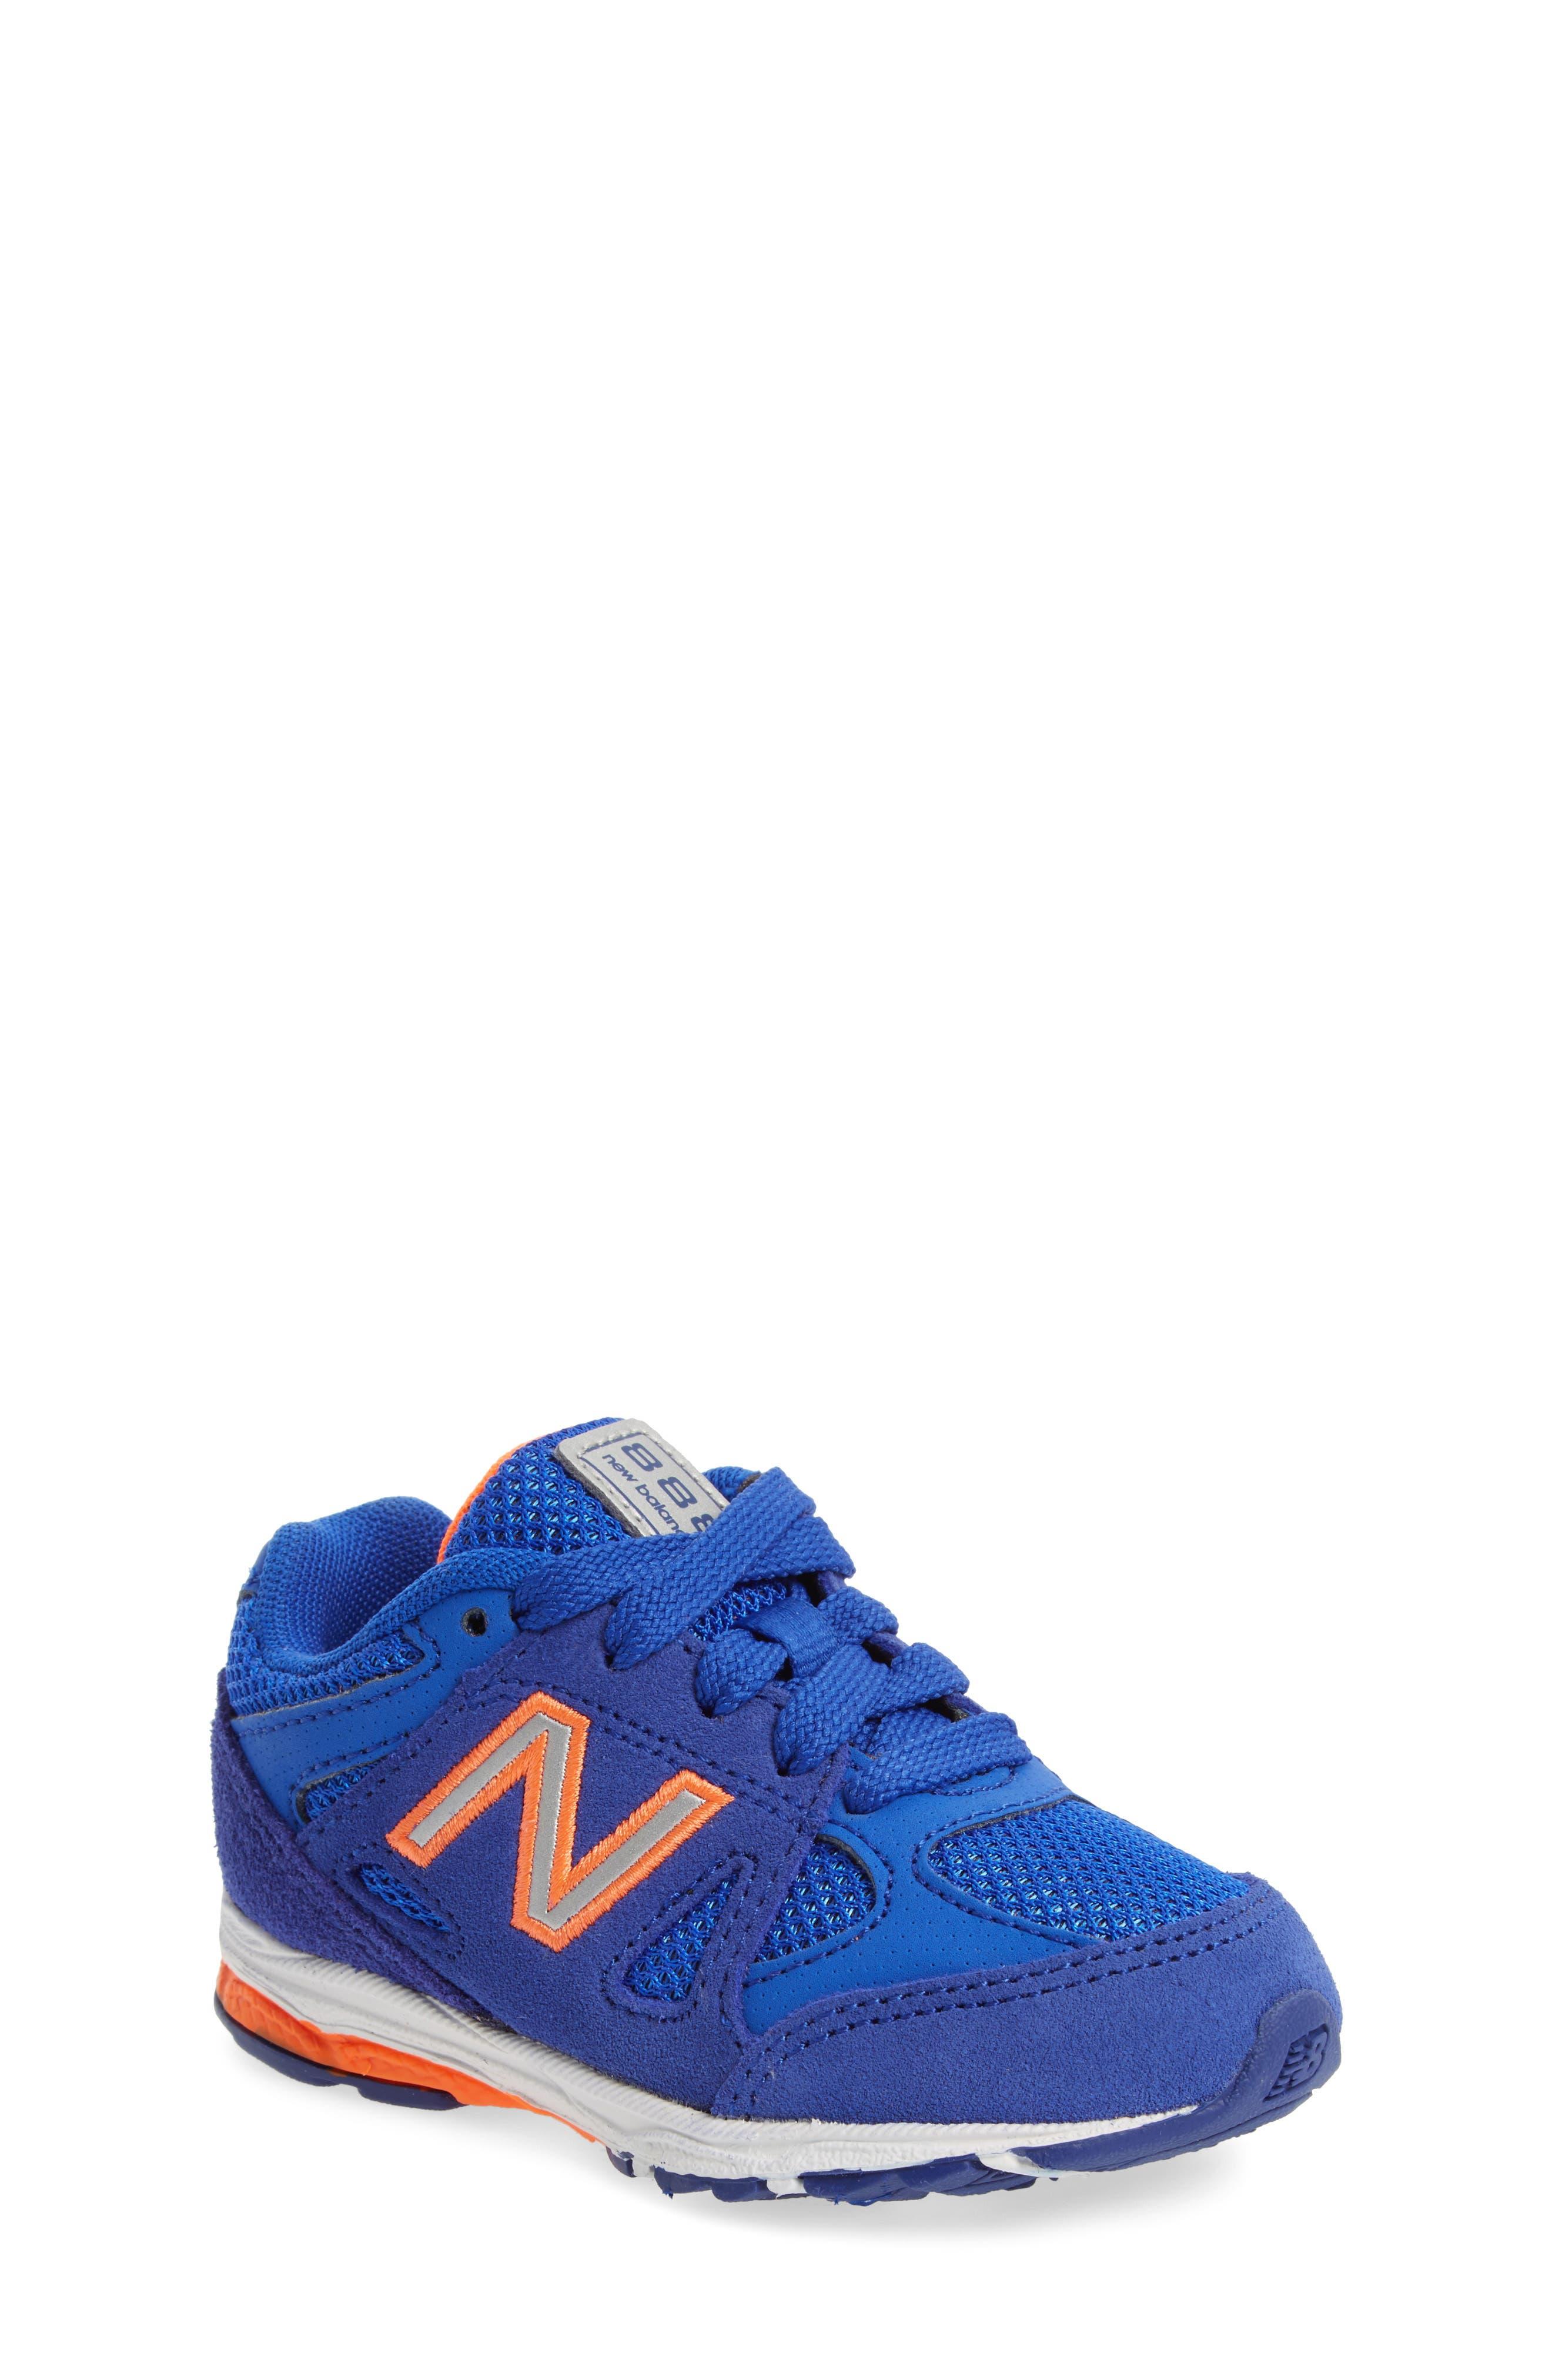 888 Sneaker,                         Main,                         color, 400